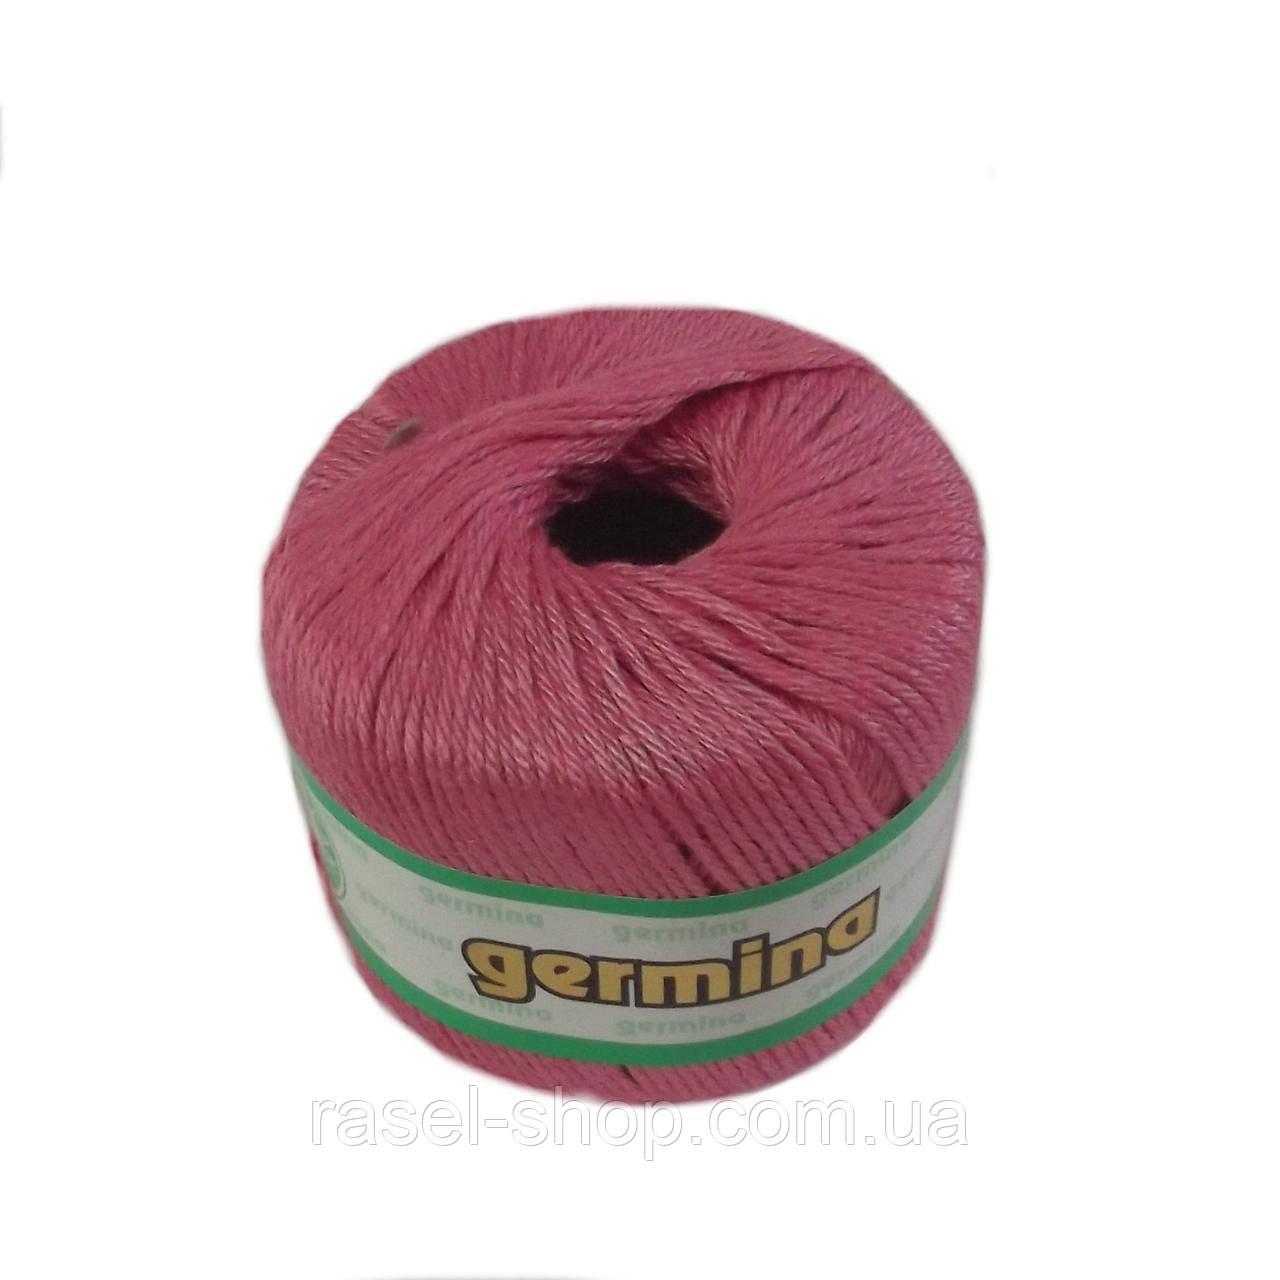 Летняя пряжа Madame tricote oren bayan germina 202 для ручного вязания